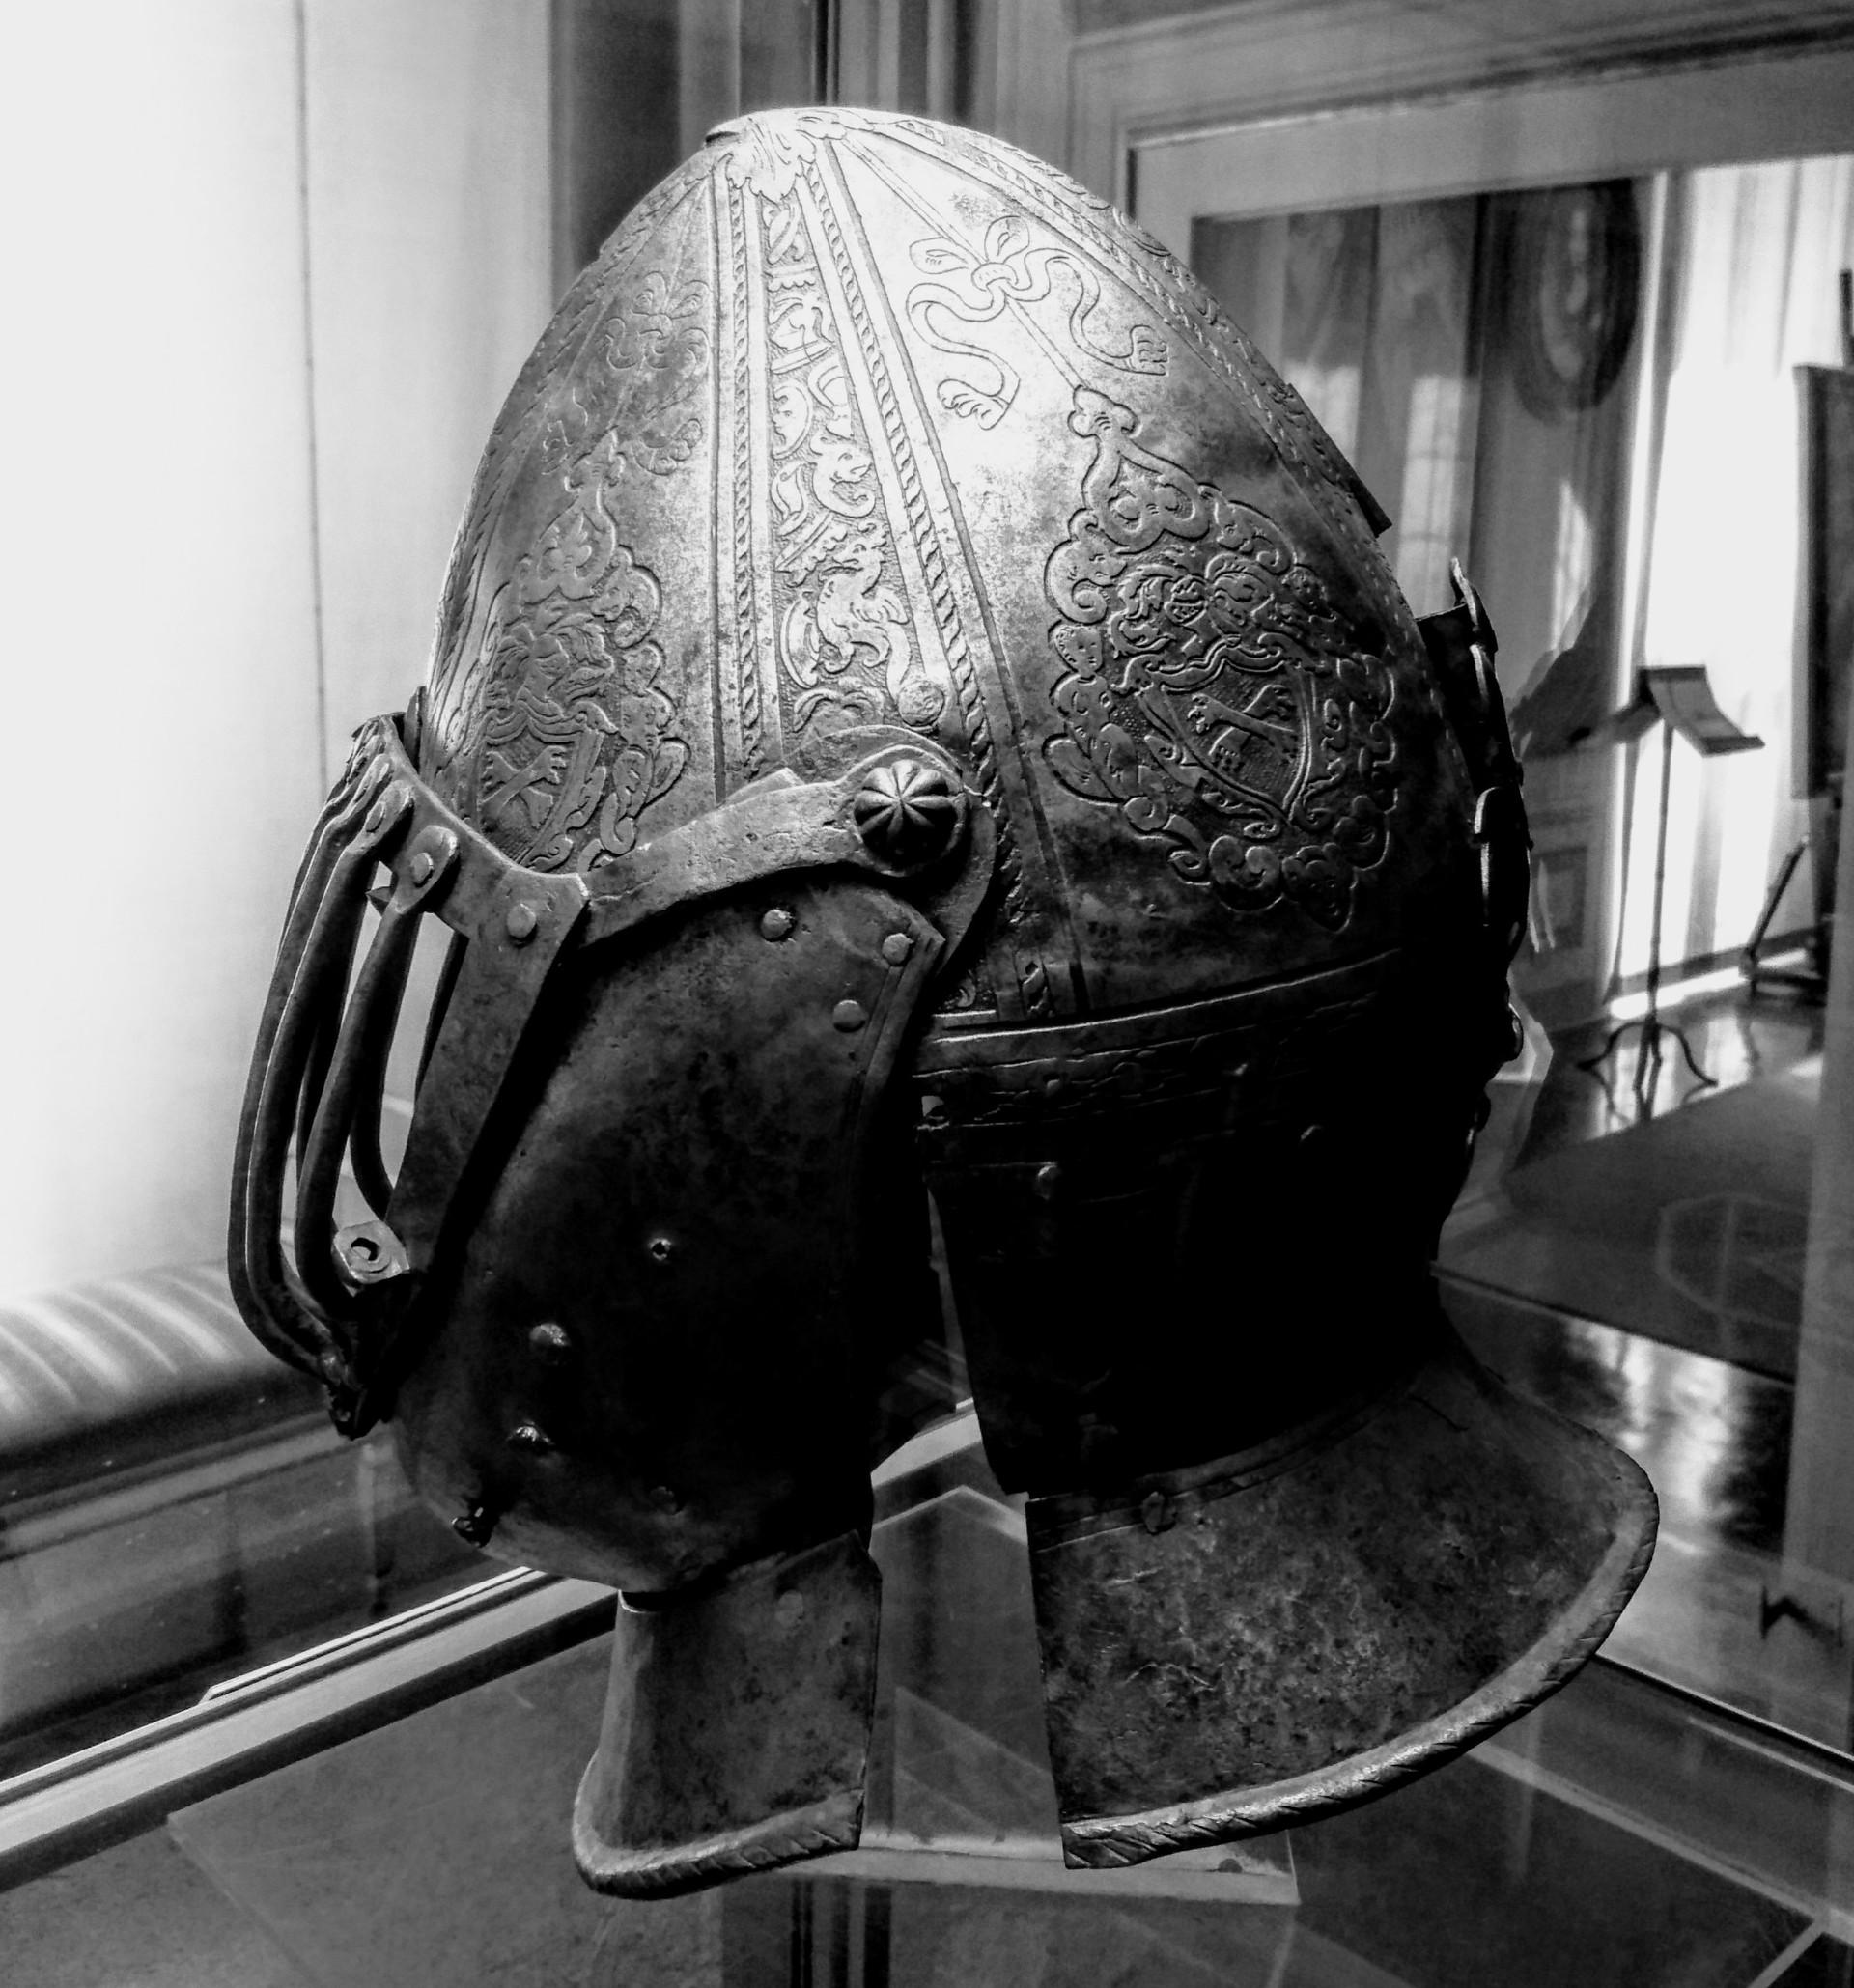 museo-di-palazzo-reale-d708e3214d1dac6e1